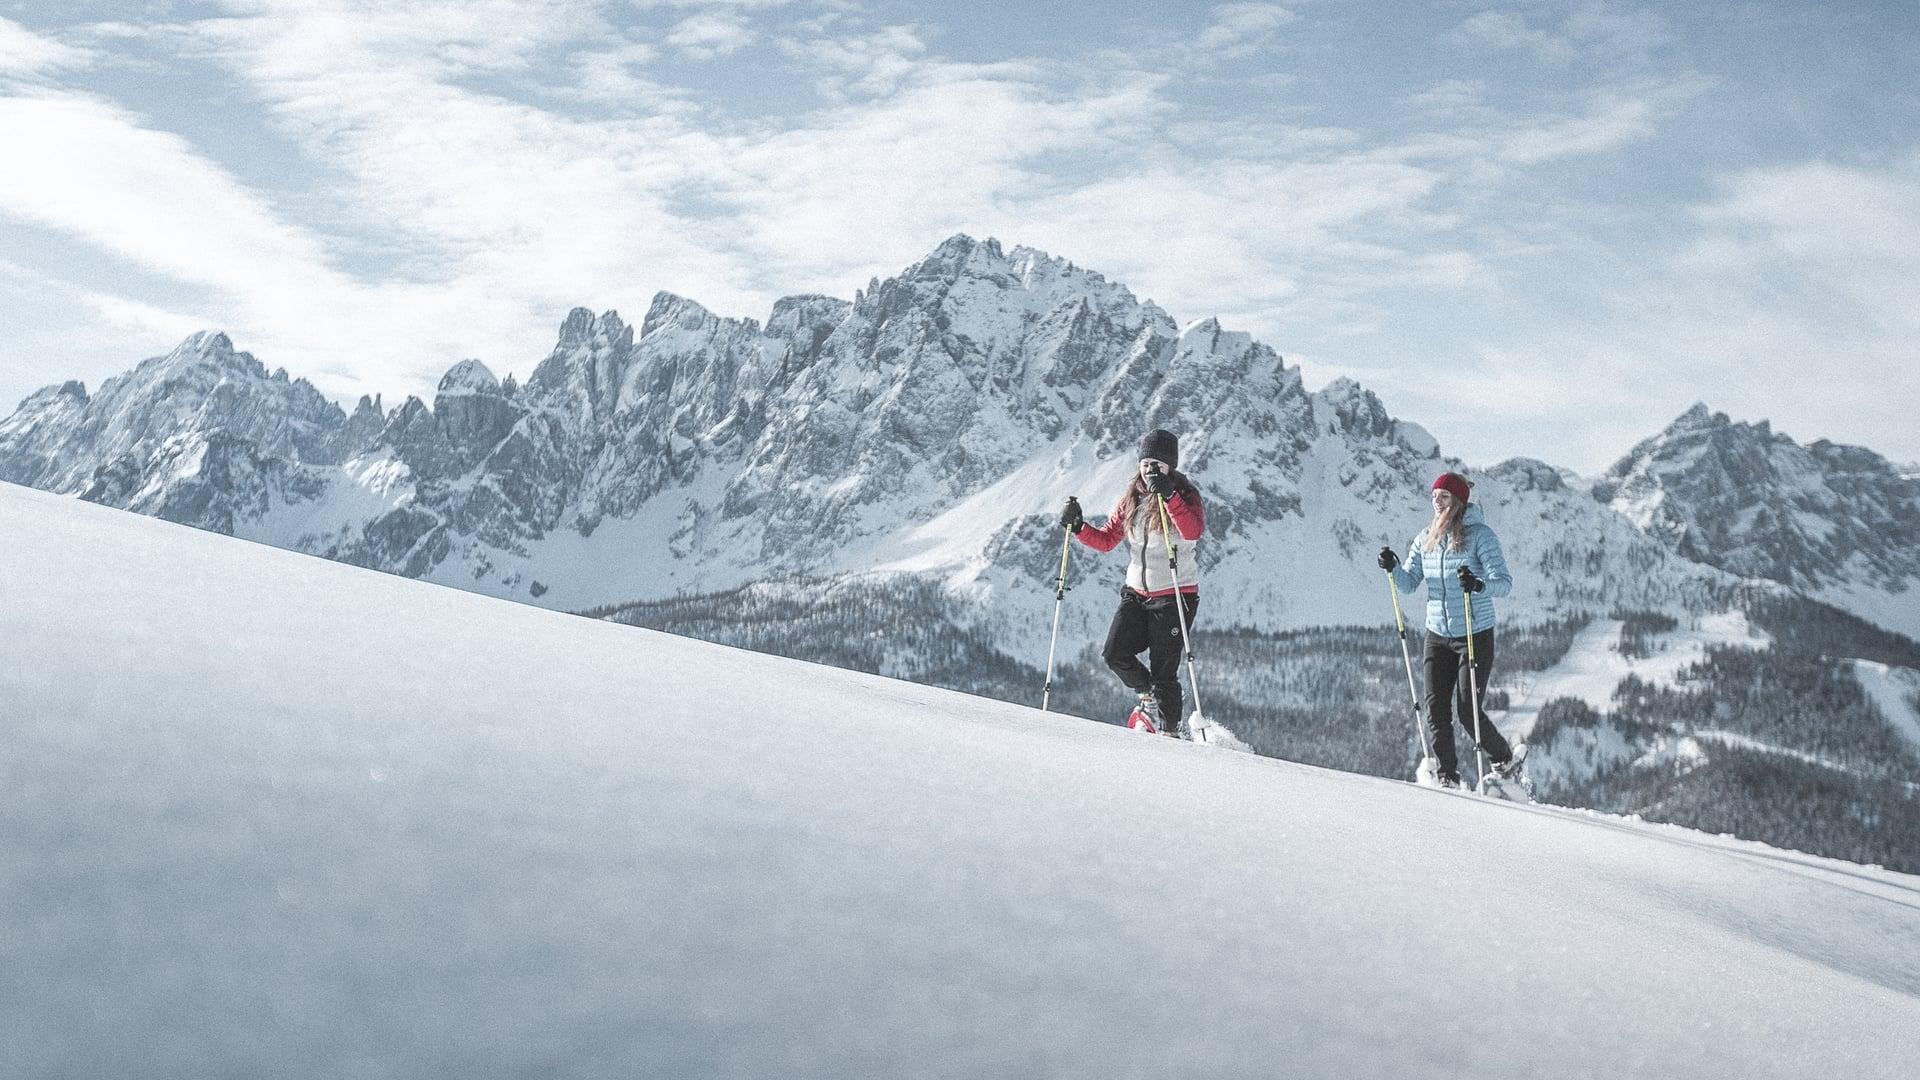 5 geführte Schneeschuh Wanderungen pro Woche